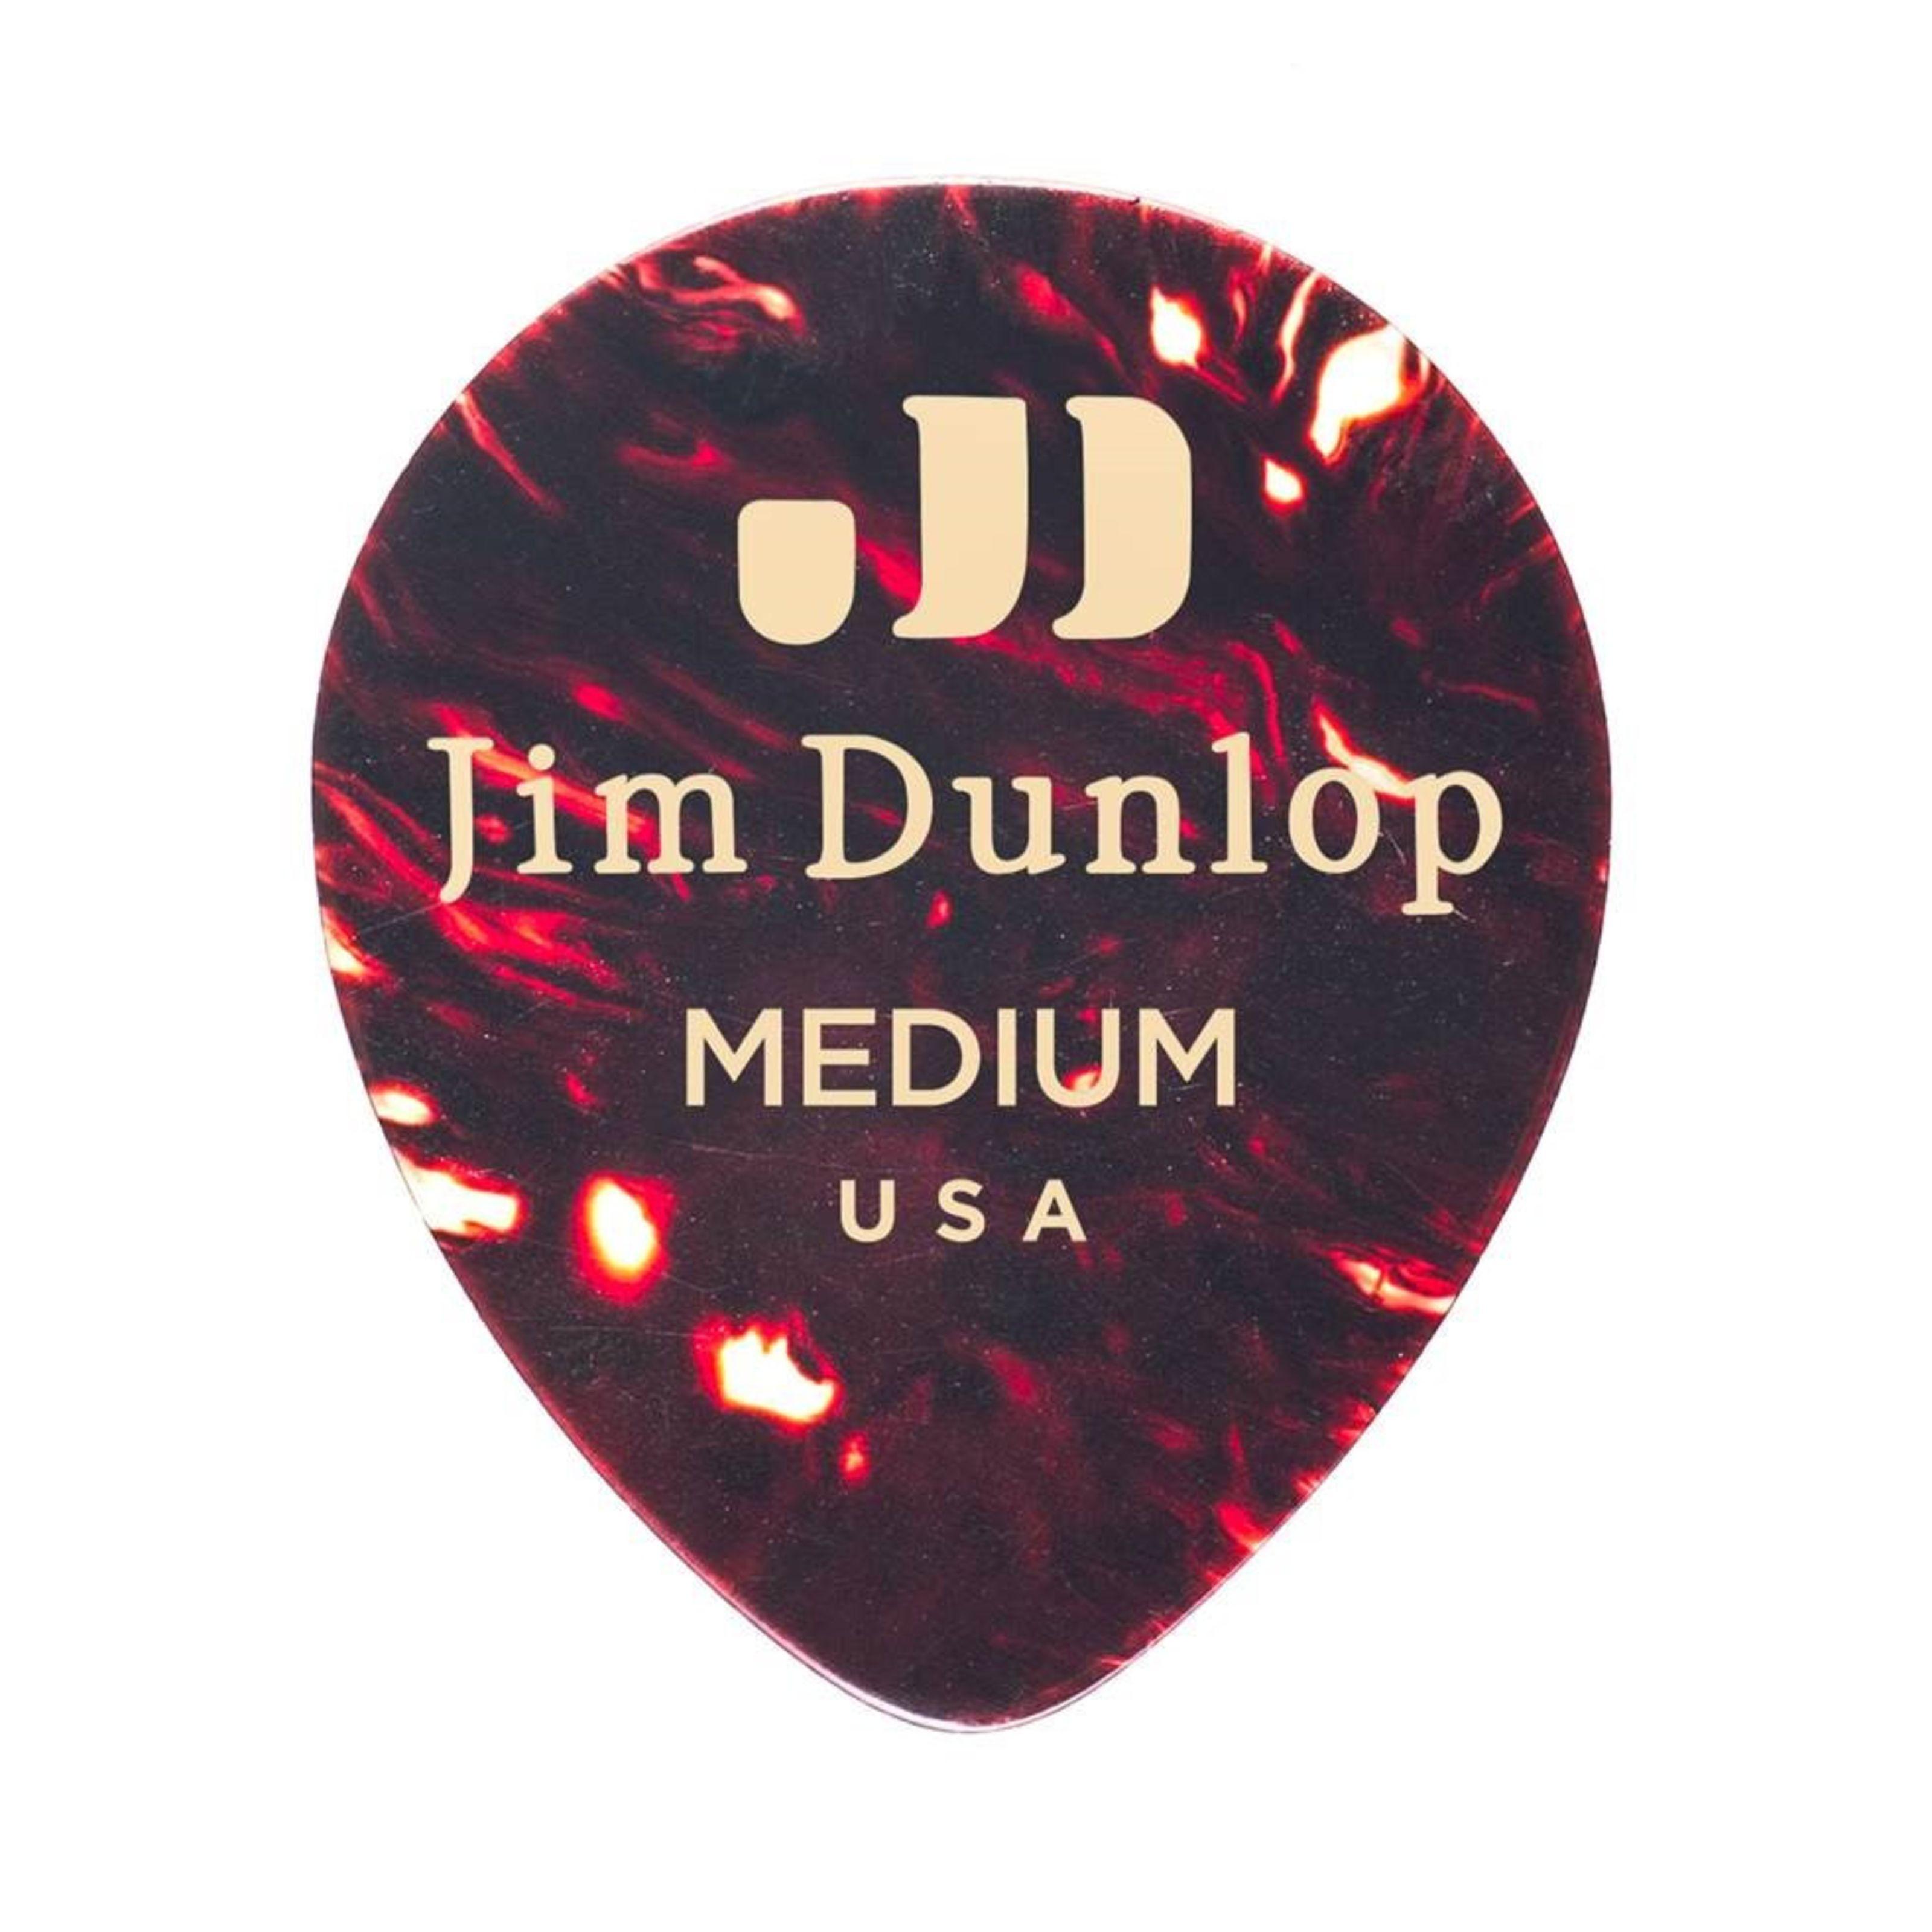 Dunlop - Teardrop 485 Picks JD-485P-05MD